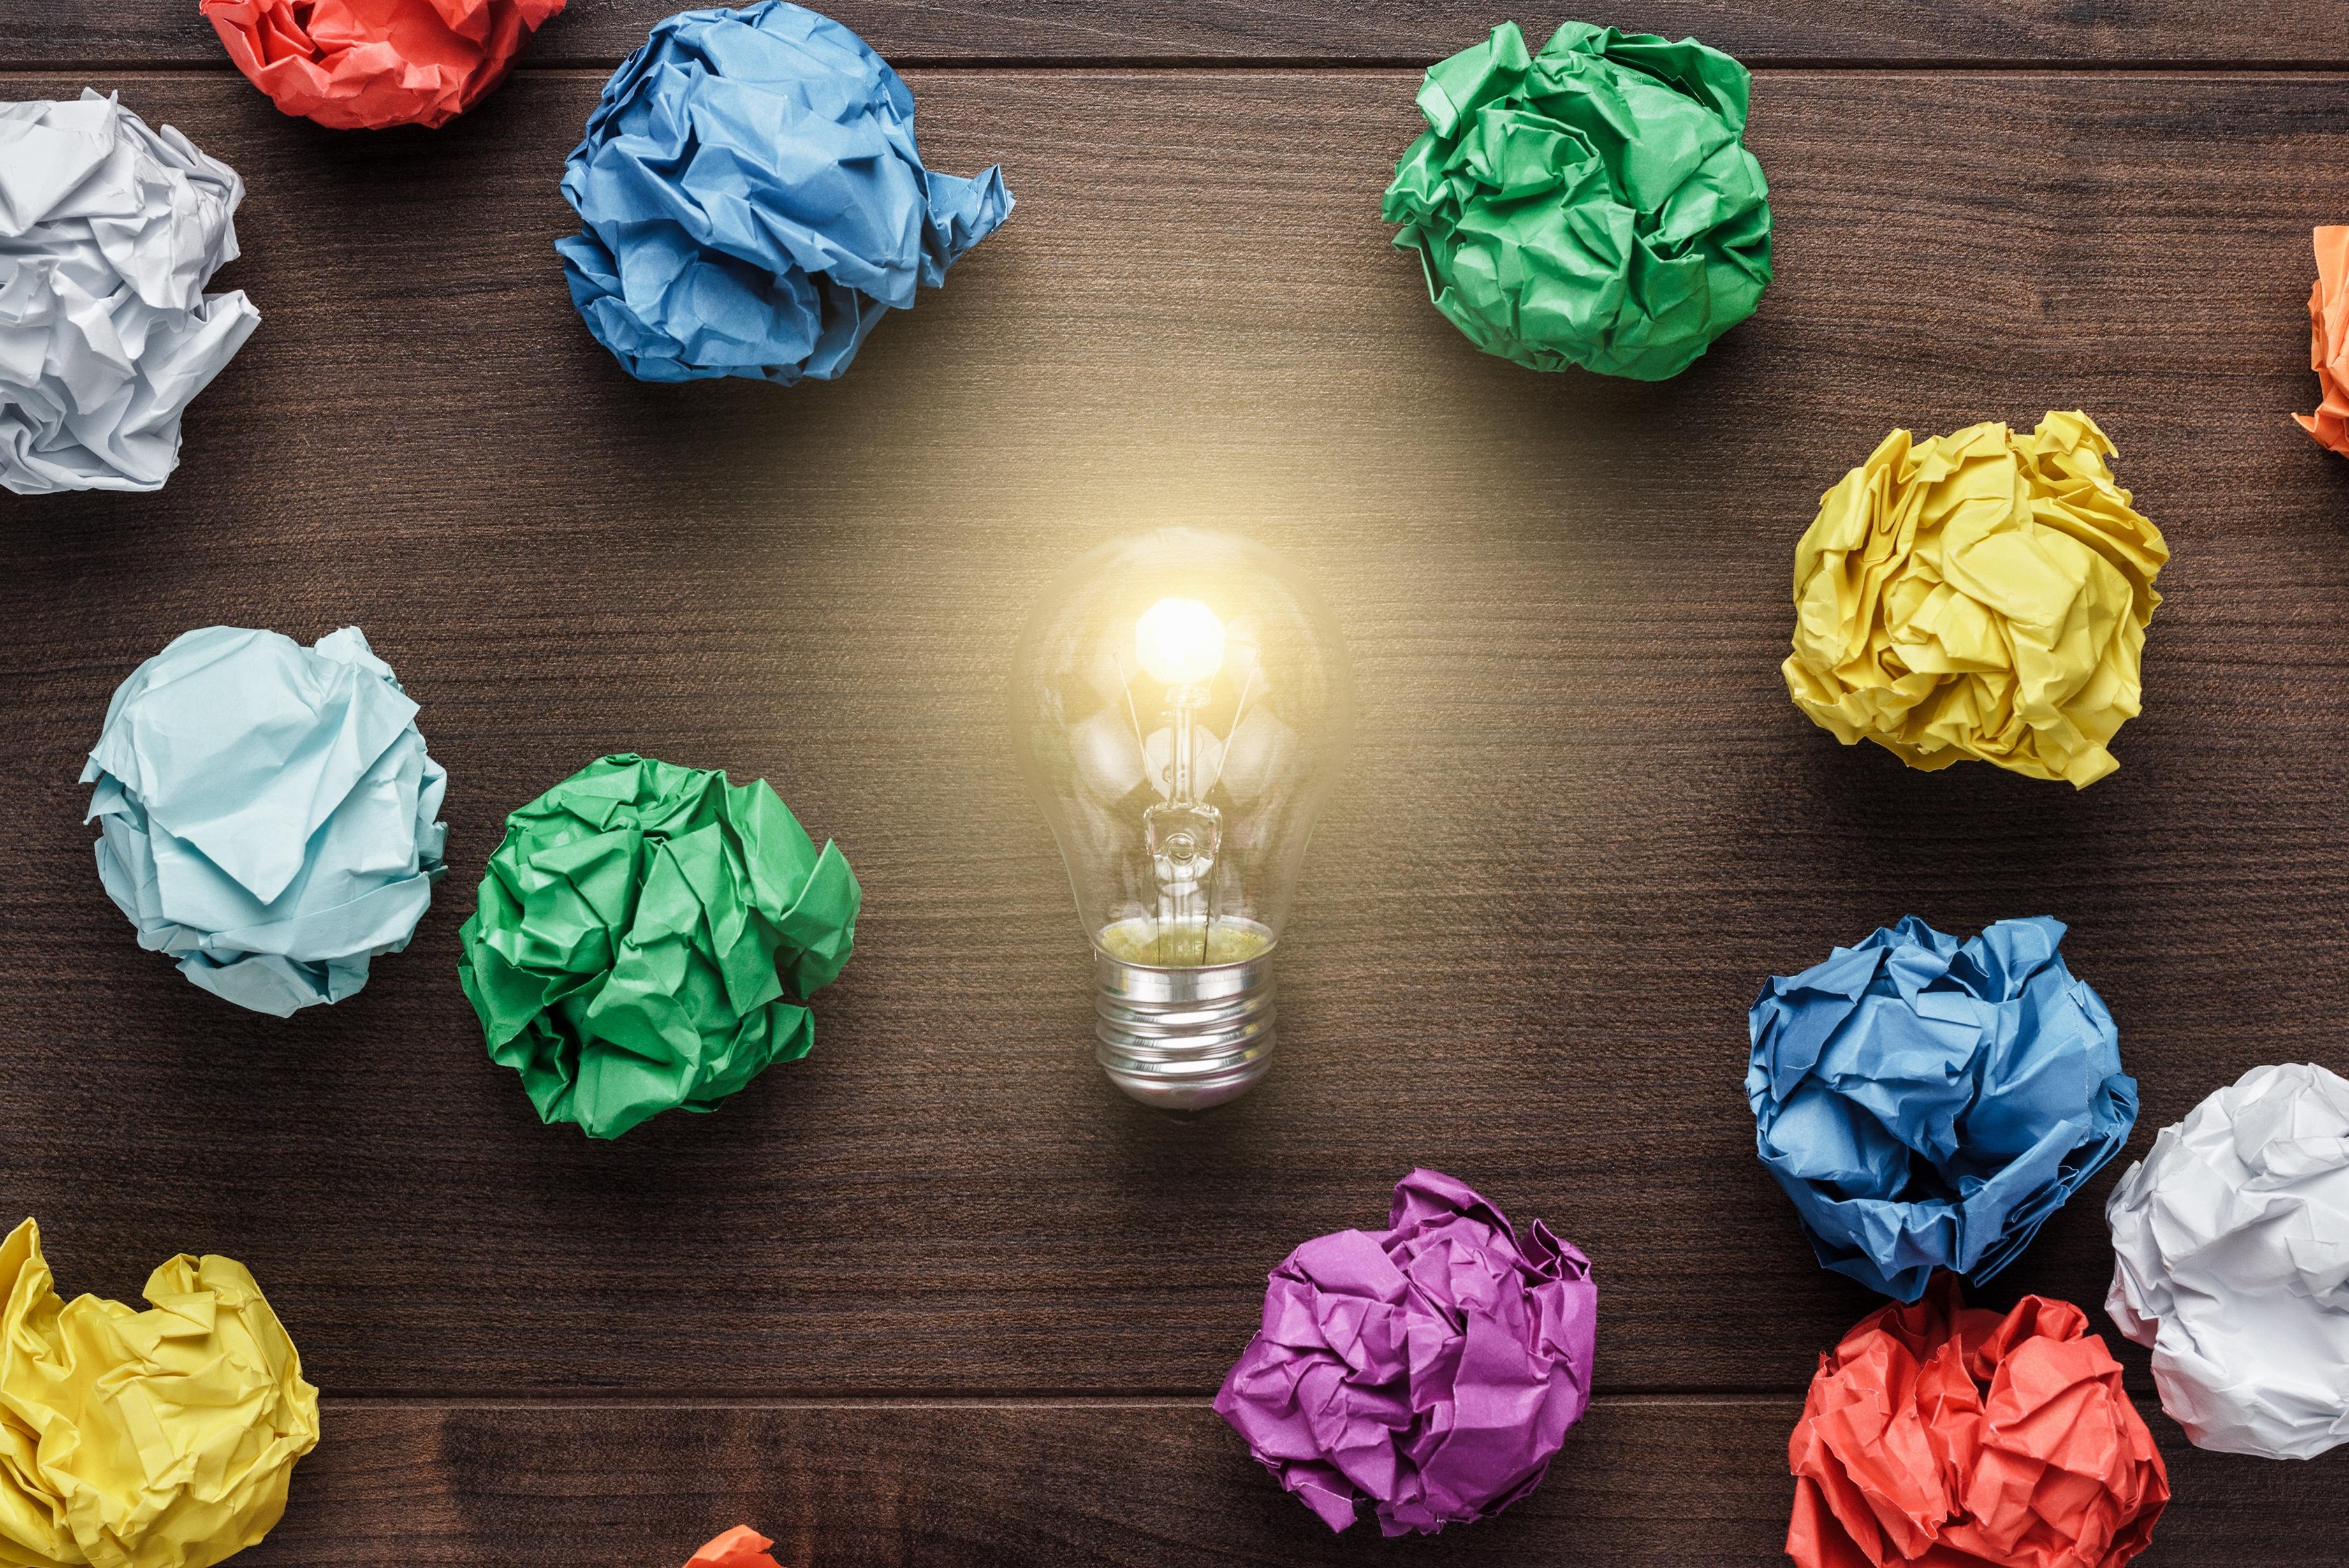 El brainstorming es siempre una buena idea